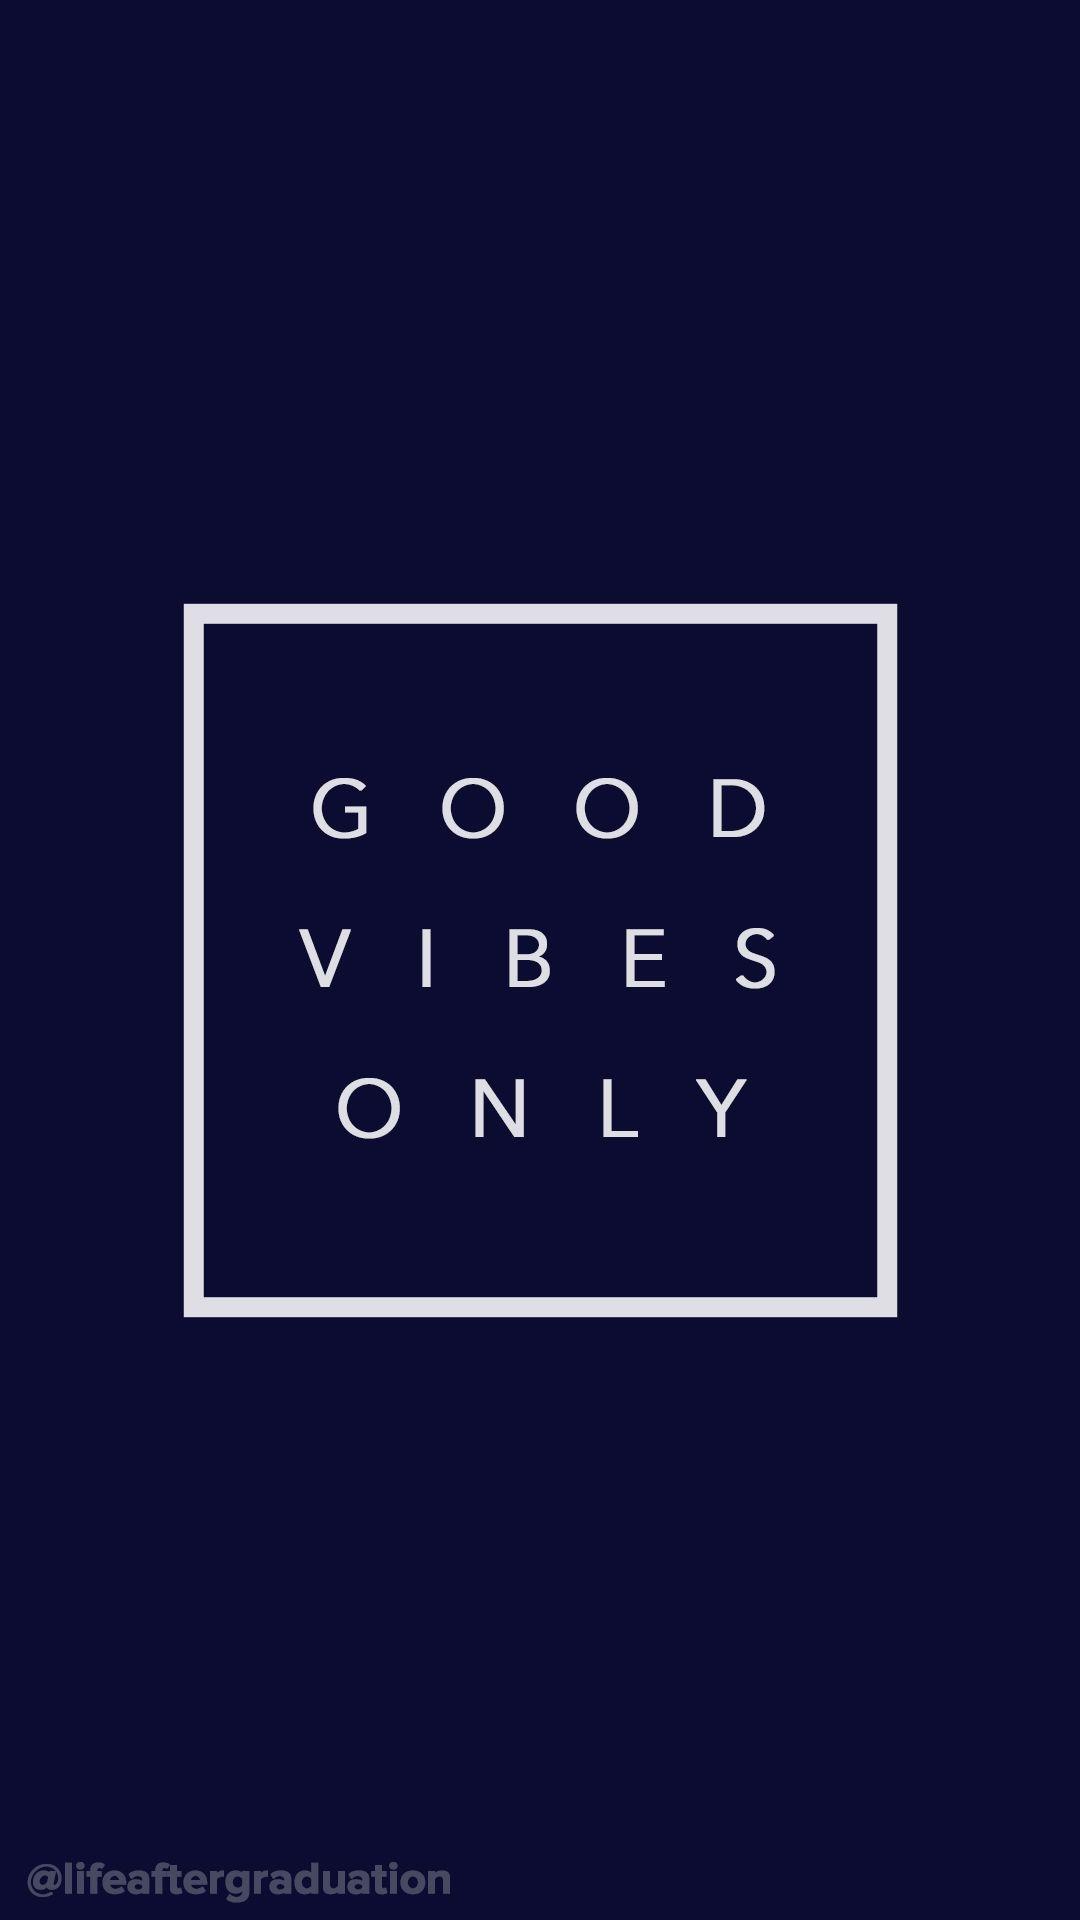 Good Vibes Only Fondos Para Whatssap Fondos De Pantalla De Iphone Fondo De Pantalla Movil